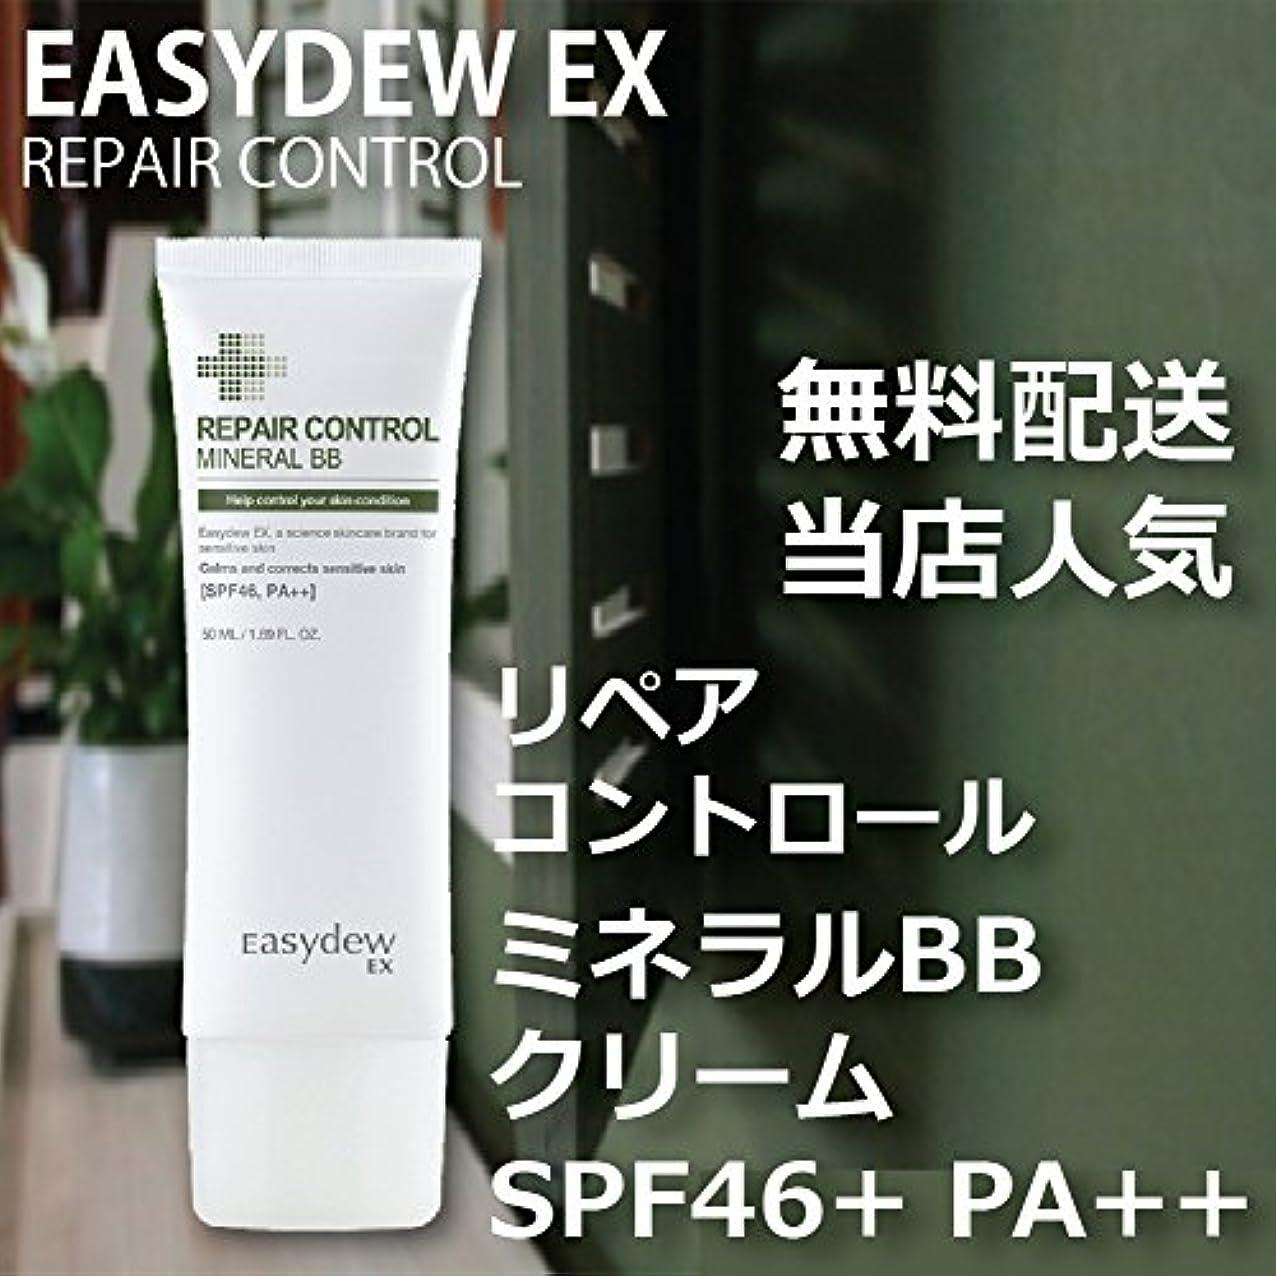 アクション以前はディスカウントEASY DEW EX ミネラル BBクリーム SPF46+ PA++ 50ml MINRAL BB CREAM 韓国 人気 コスメ イージーデュー 敏感 乾燥 美白 しわ 3重機能性